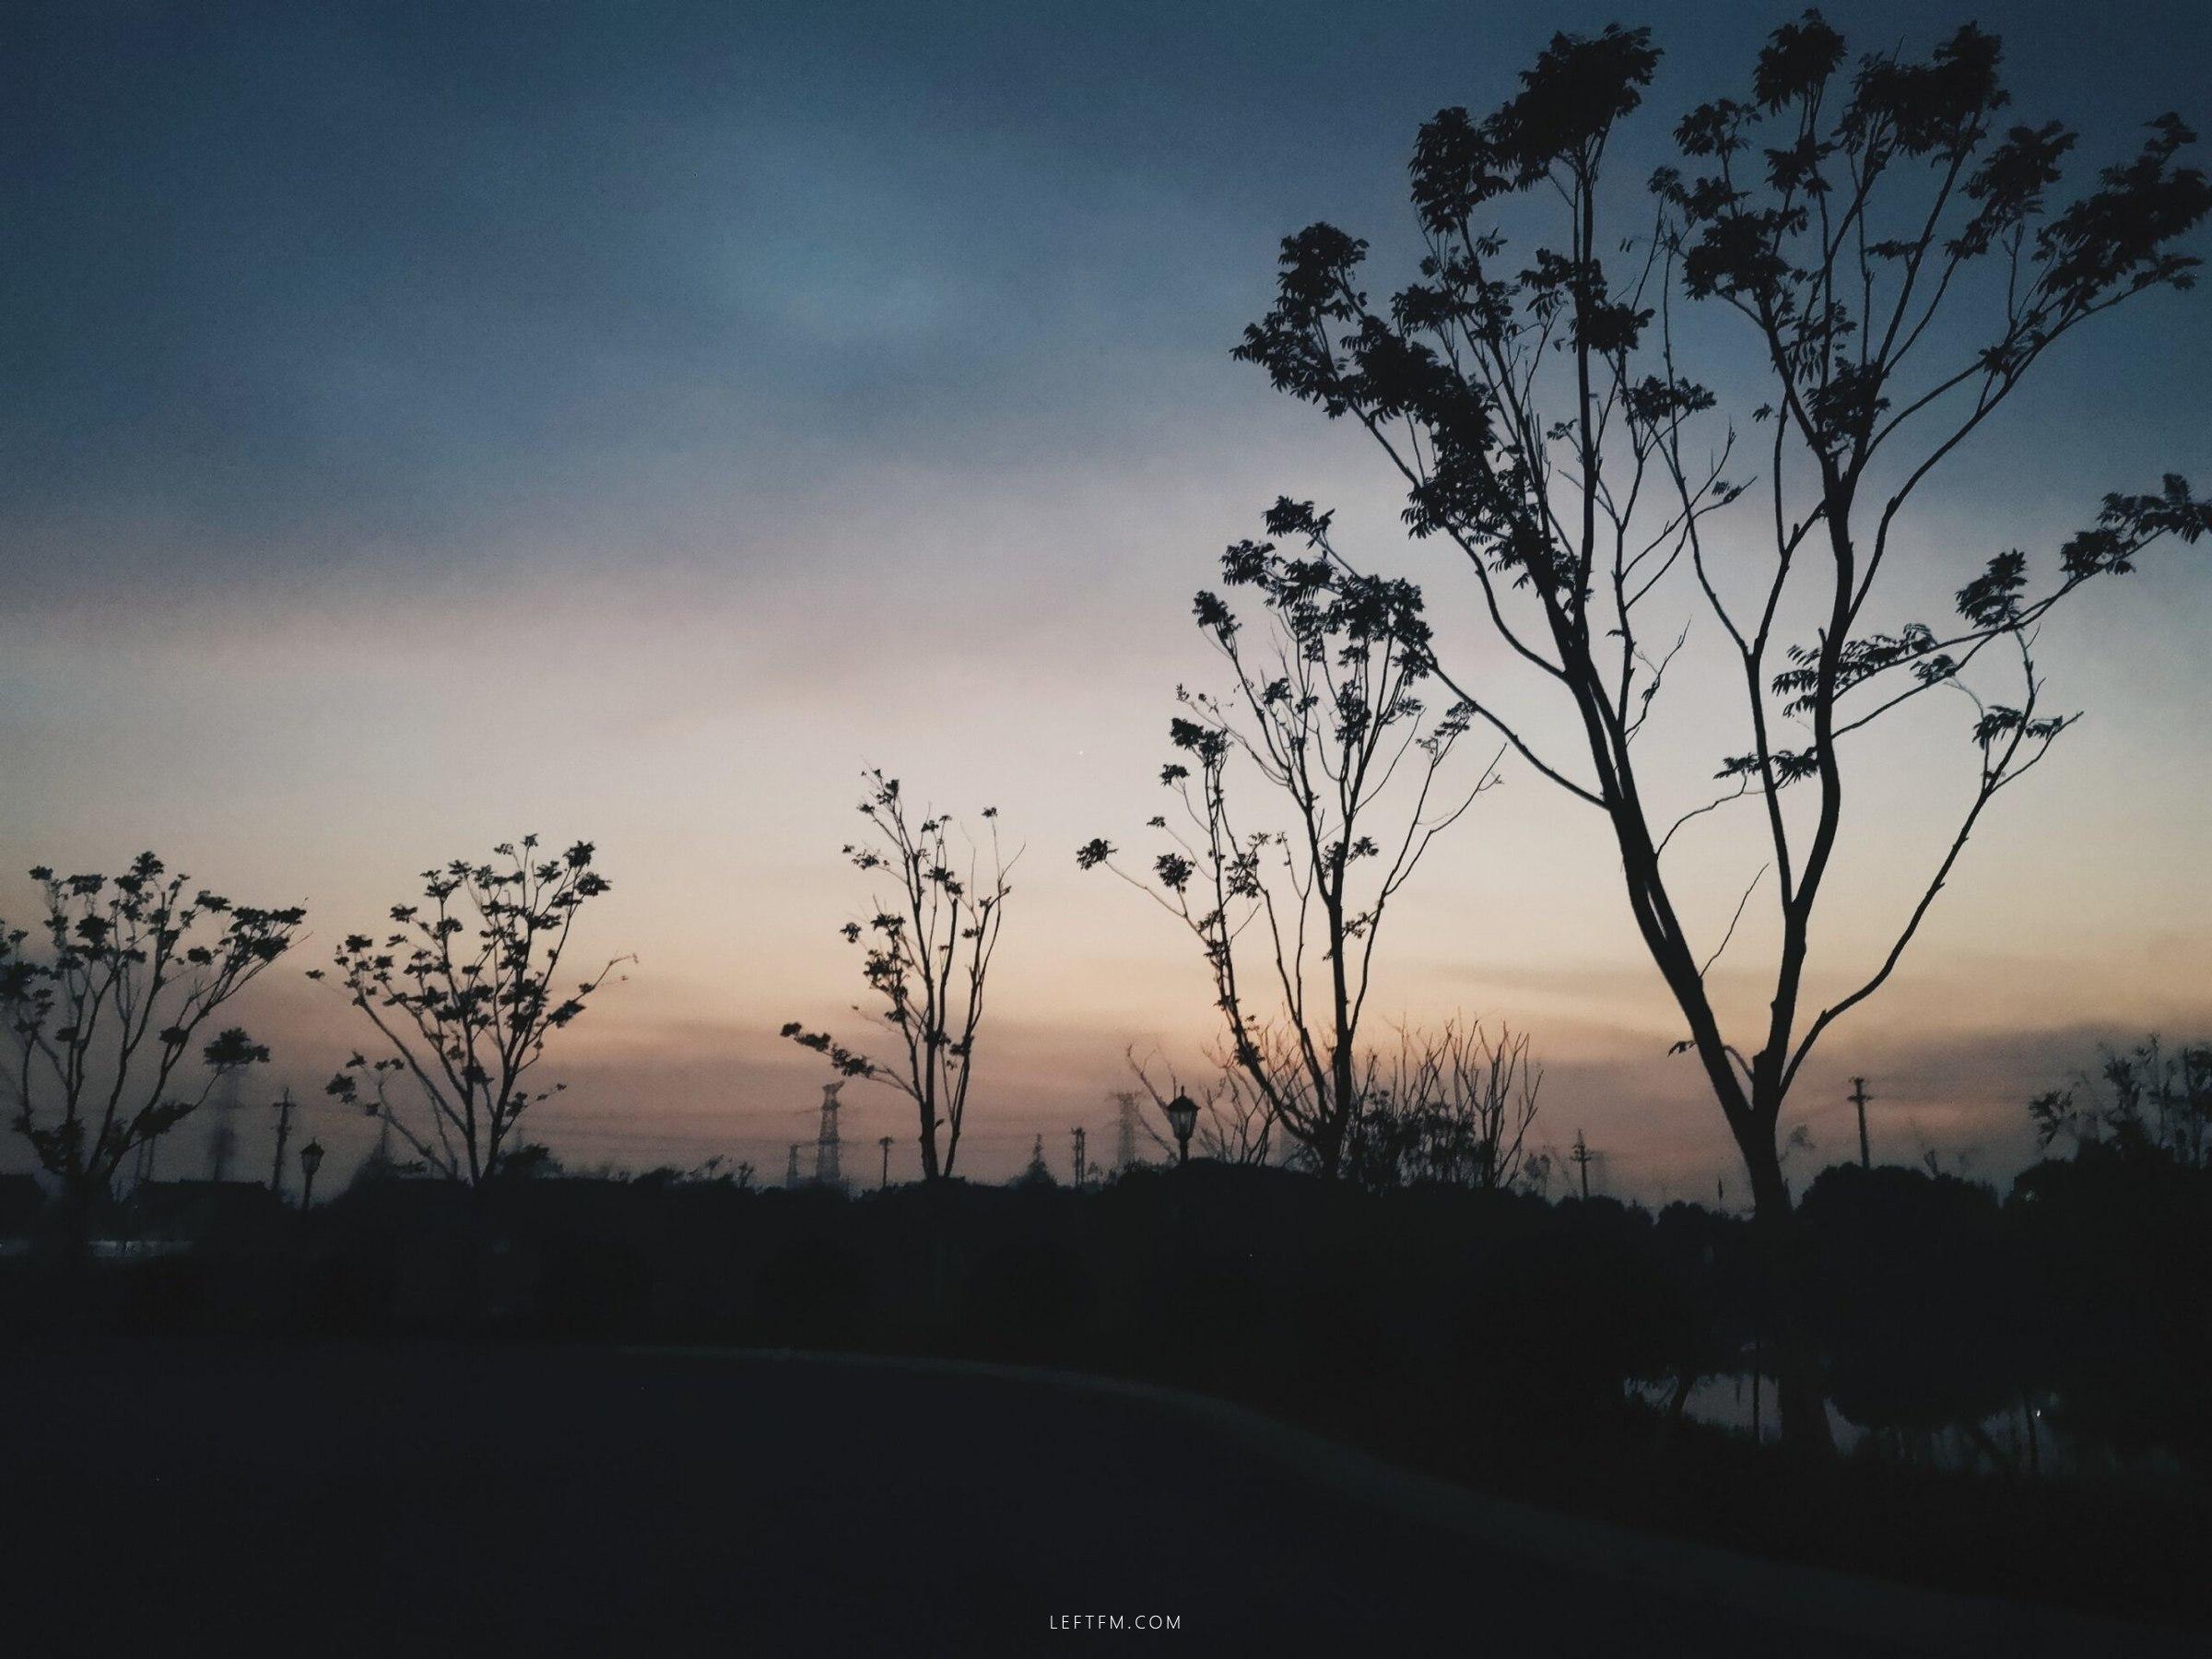 文艺夜读:一片槐树叶